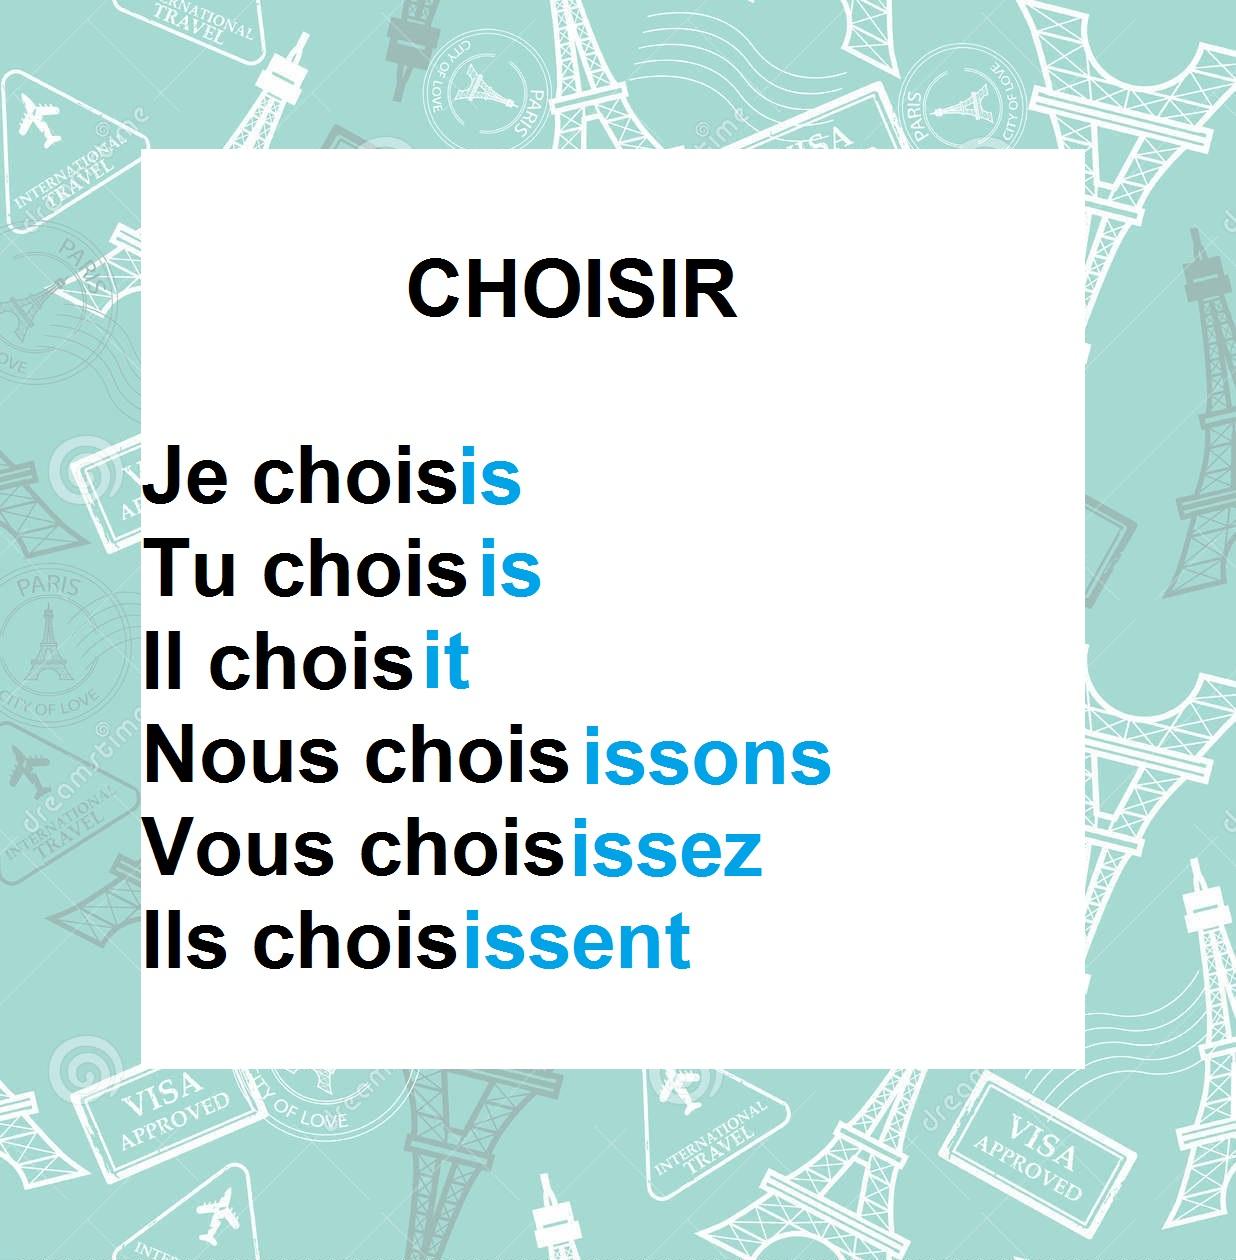 Professeur Aline La Conjugaison Des Verbes Au Present Les Verbes En Ir 2eme Et 3eme Groupes